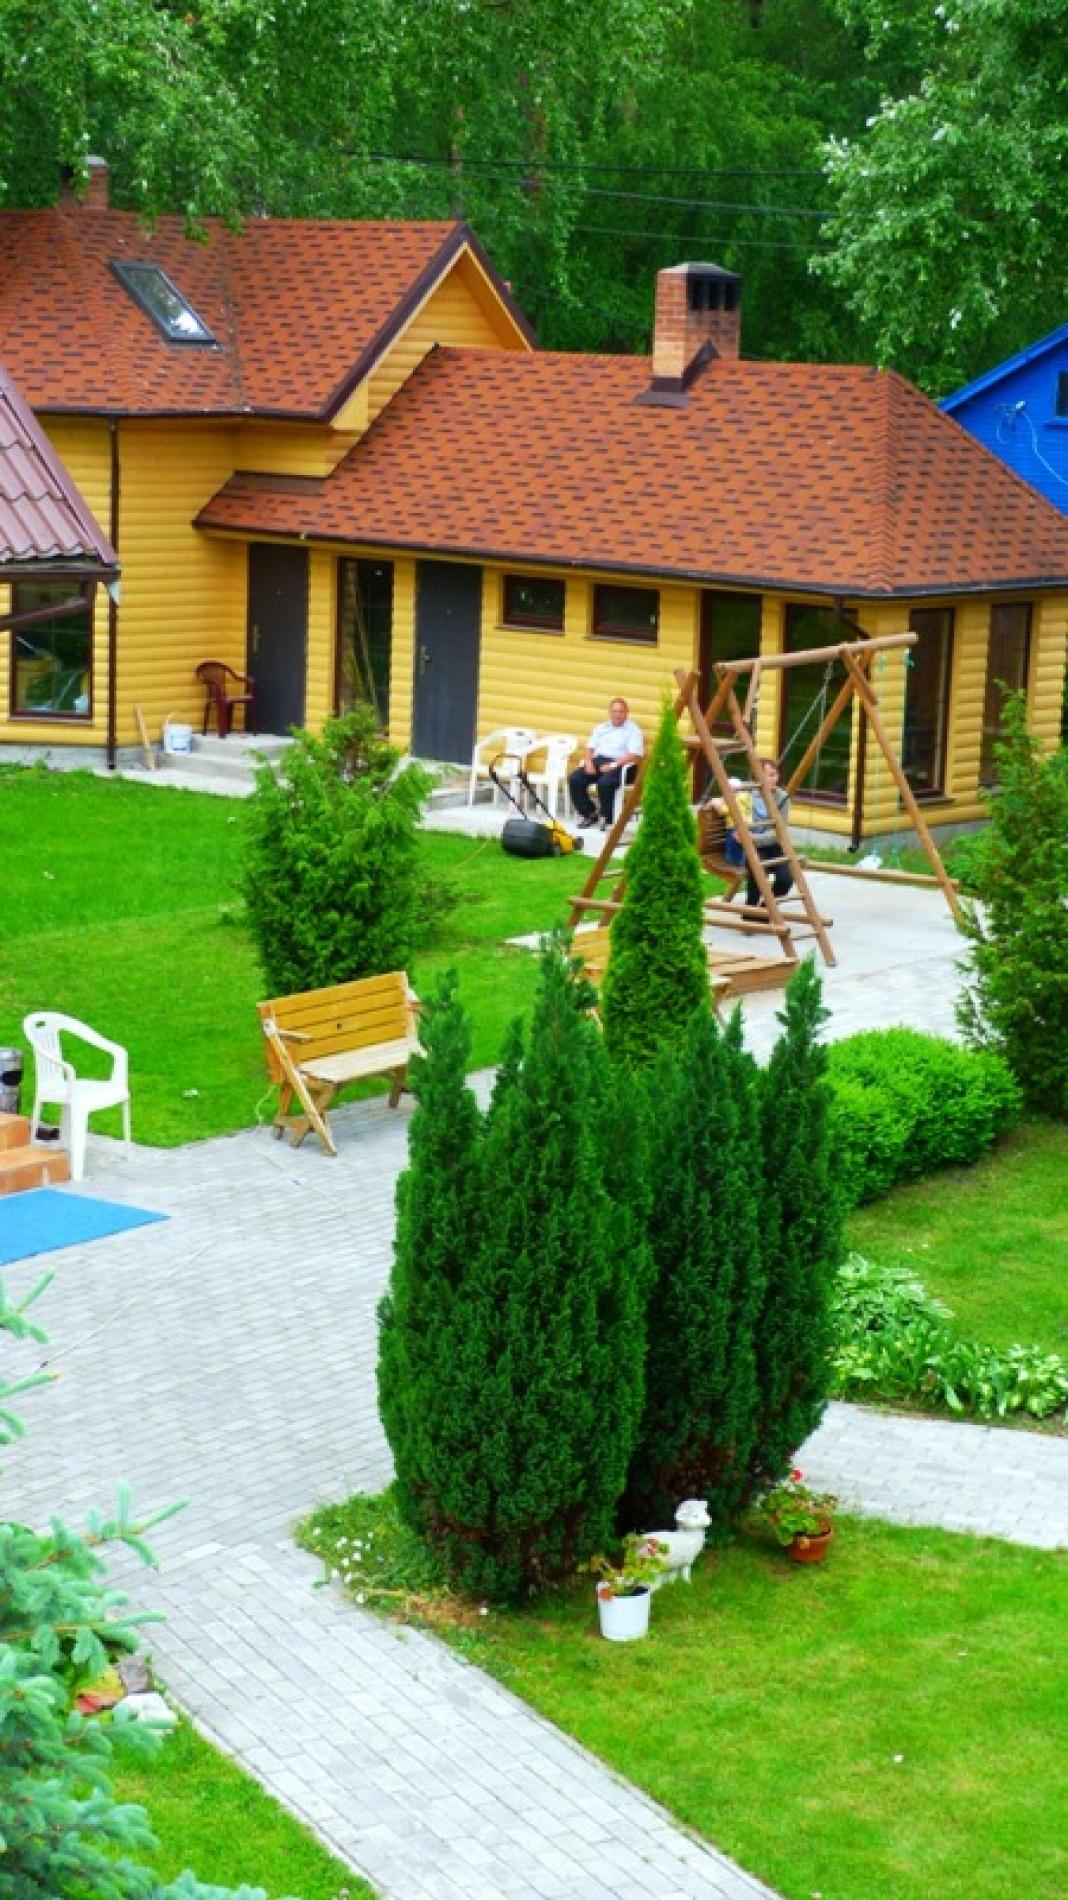 Гостевой дом «Понарт» Калининградская область, фото 11